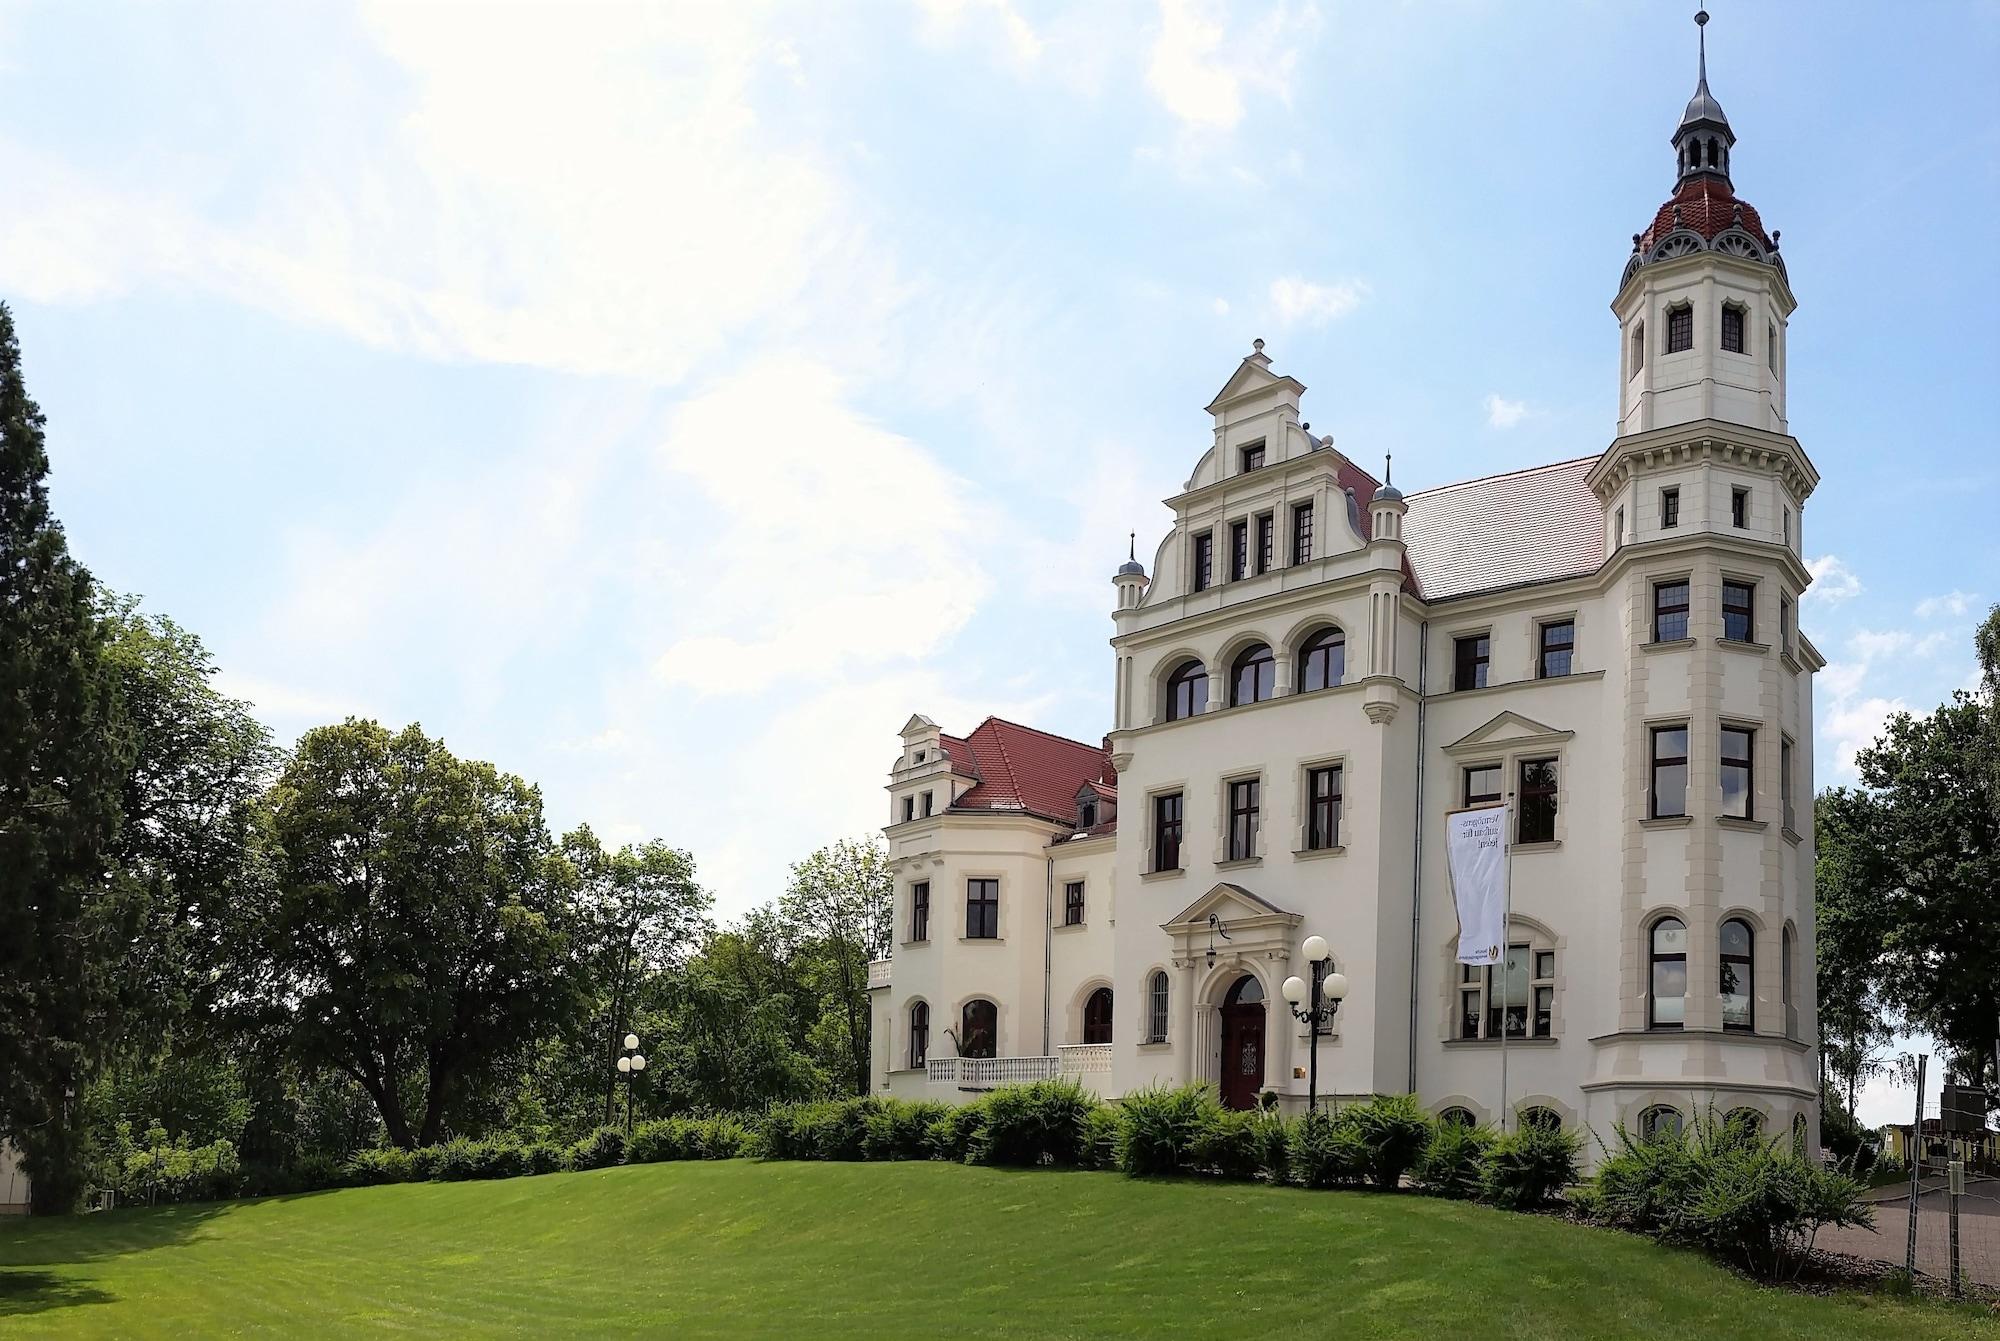 Schloss Gross Luesewitz, Rostock